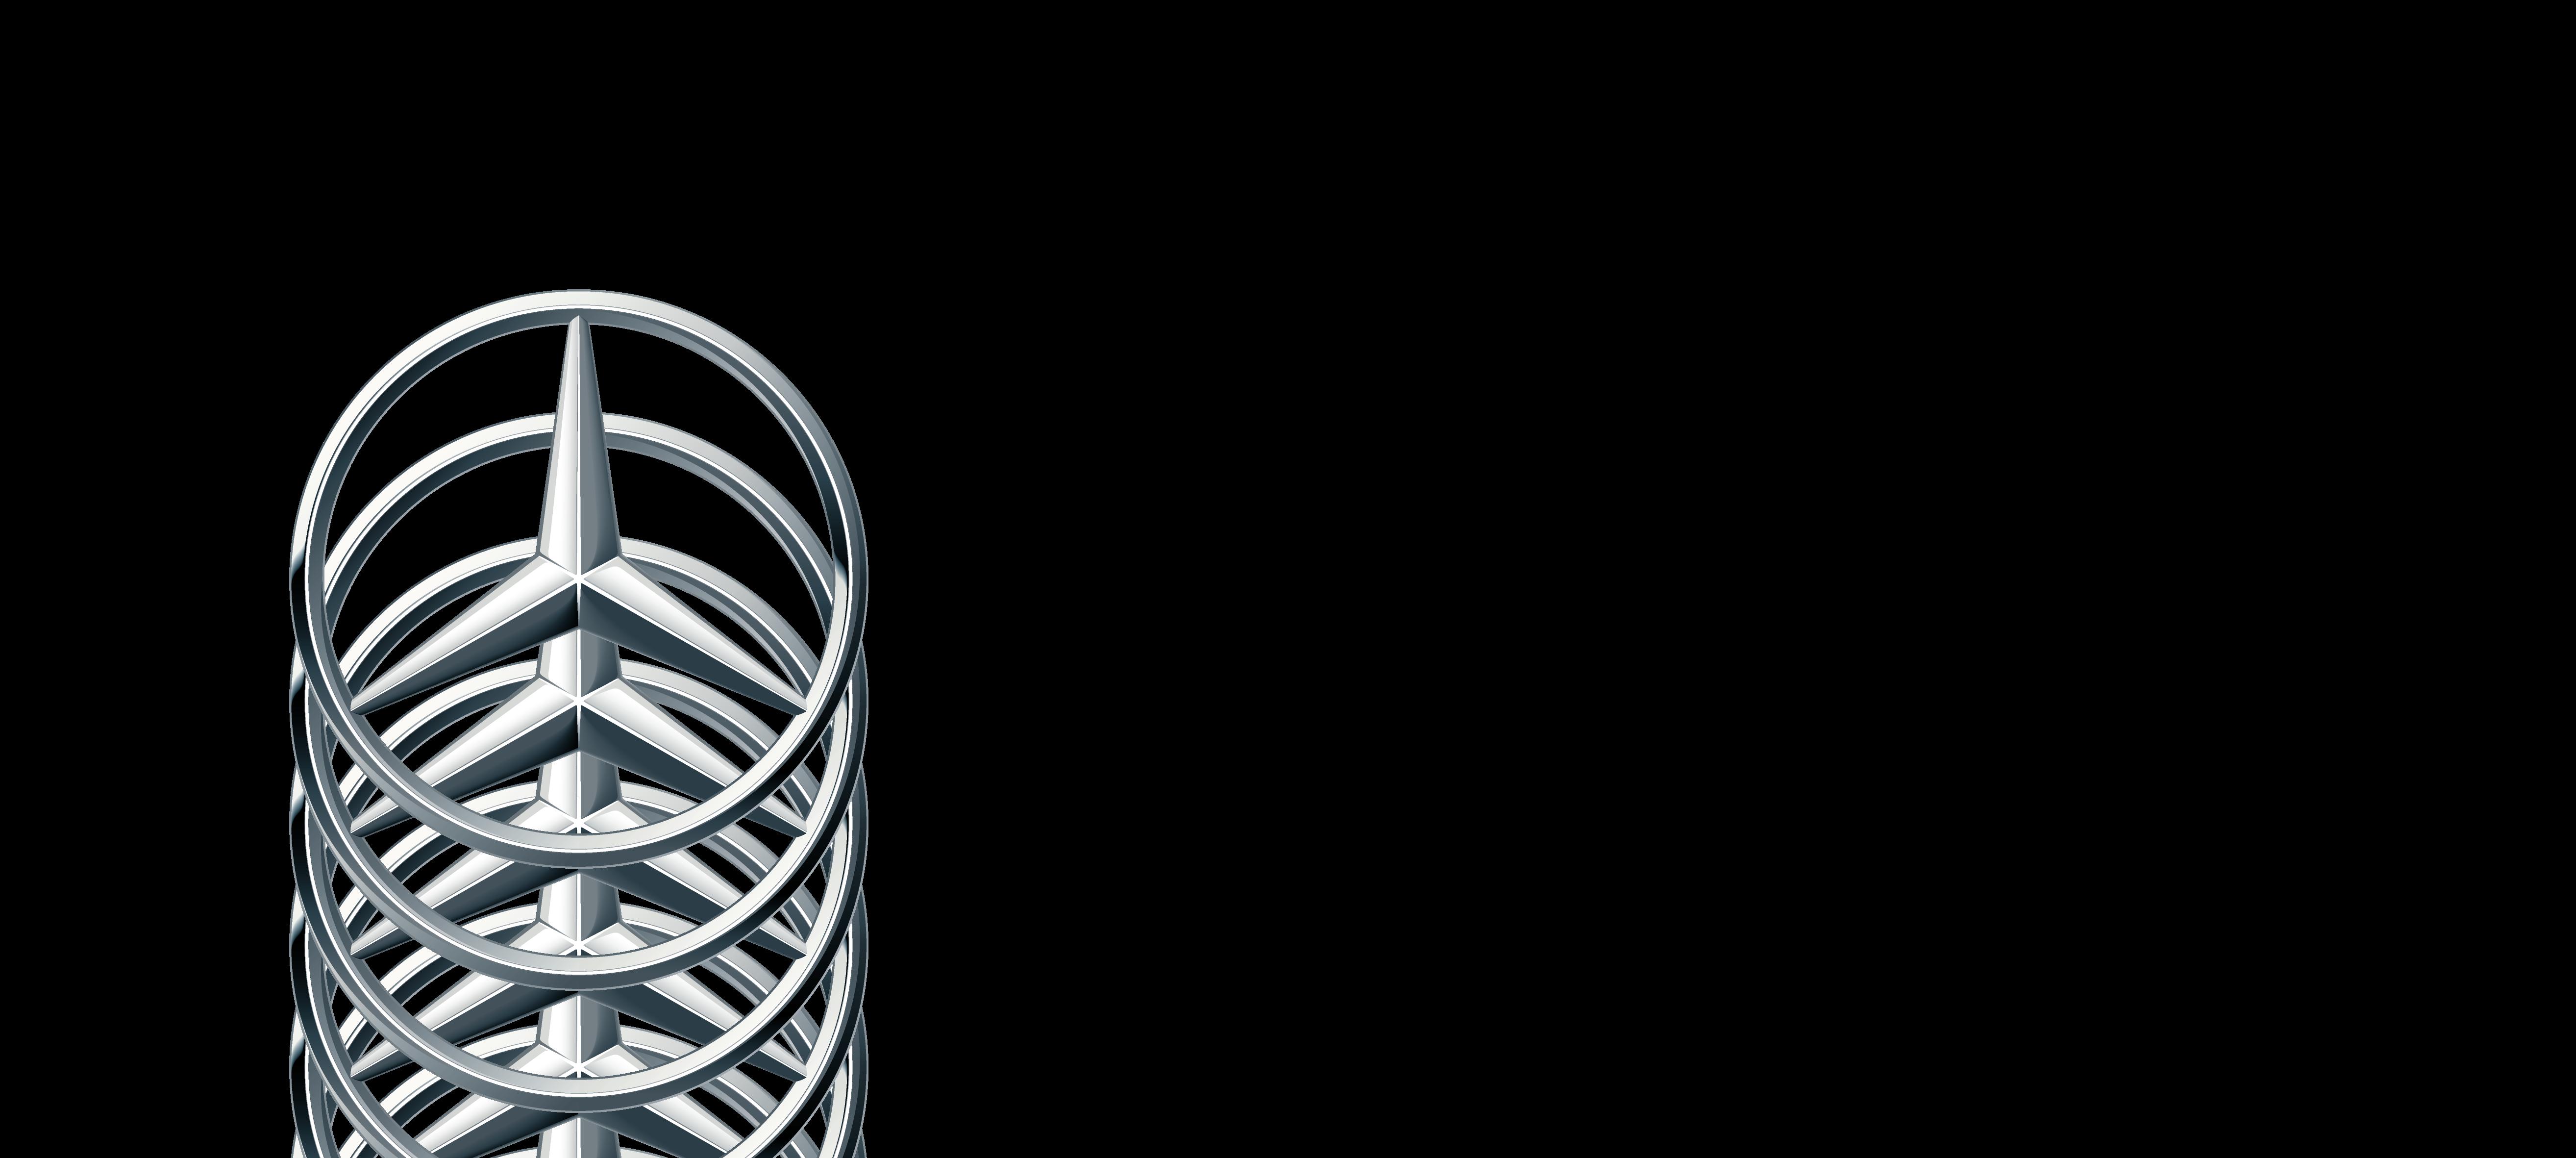 Mercedes Logo Transparent Background - image #462